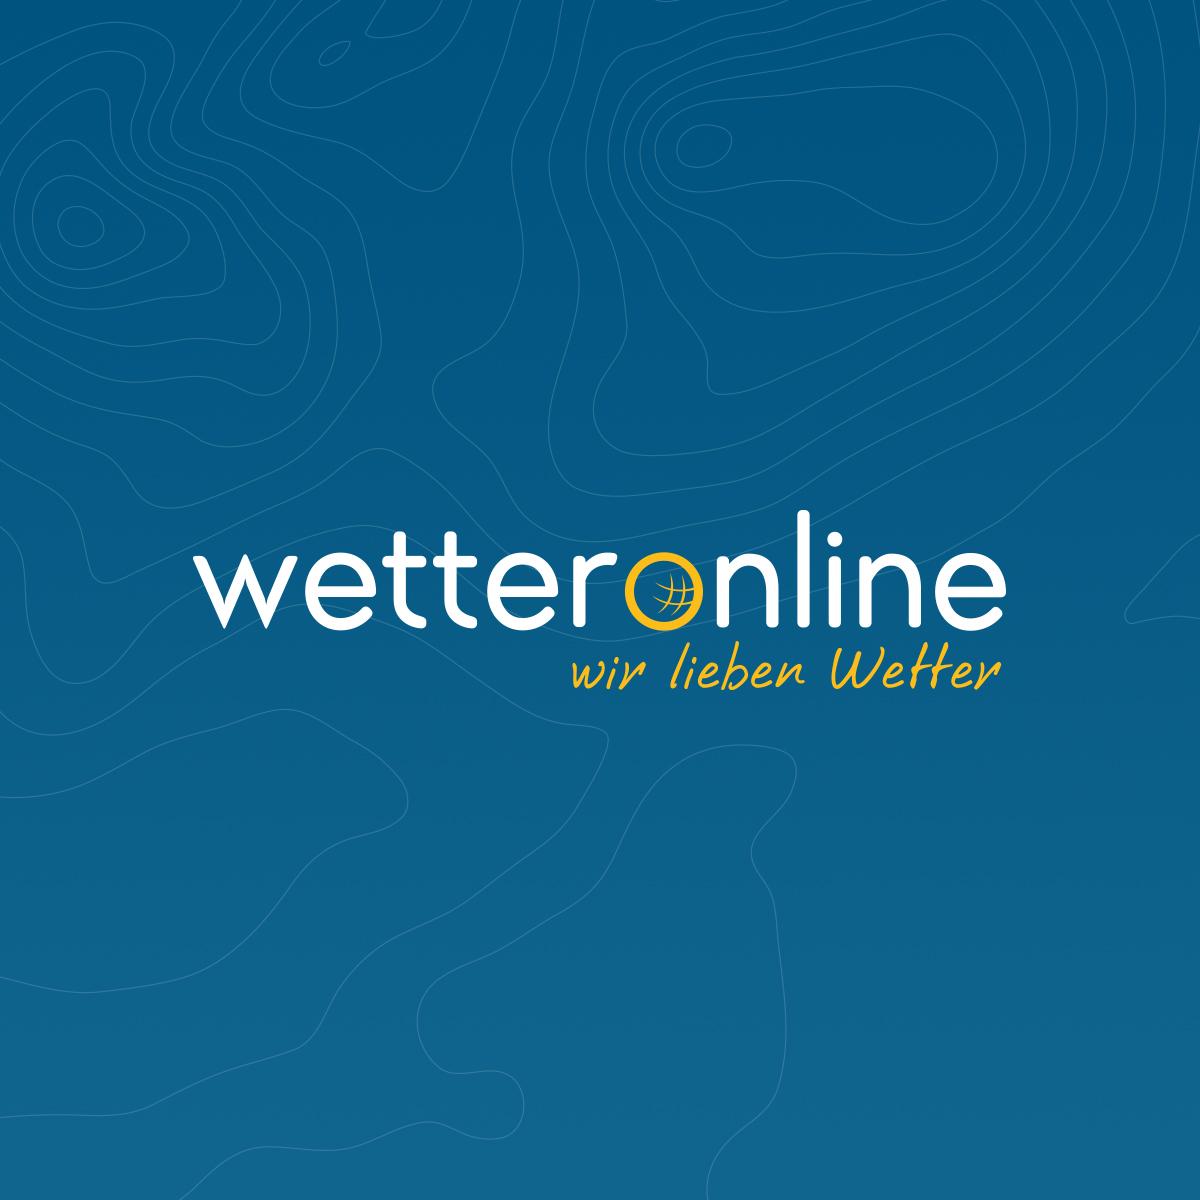 www.wetteronline.de